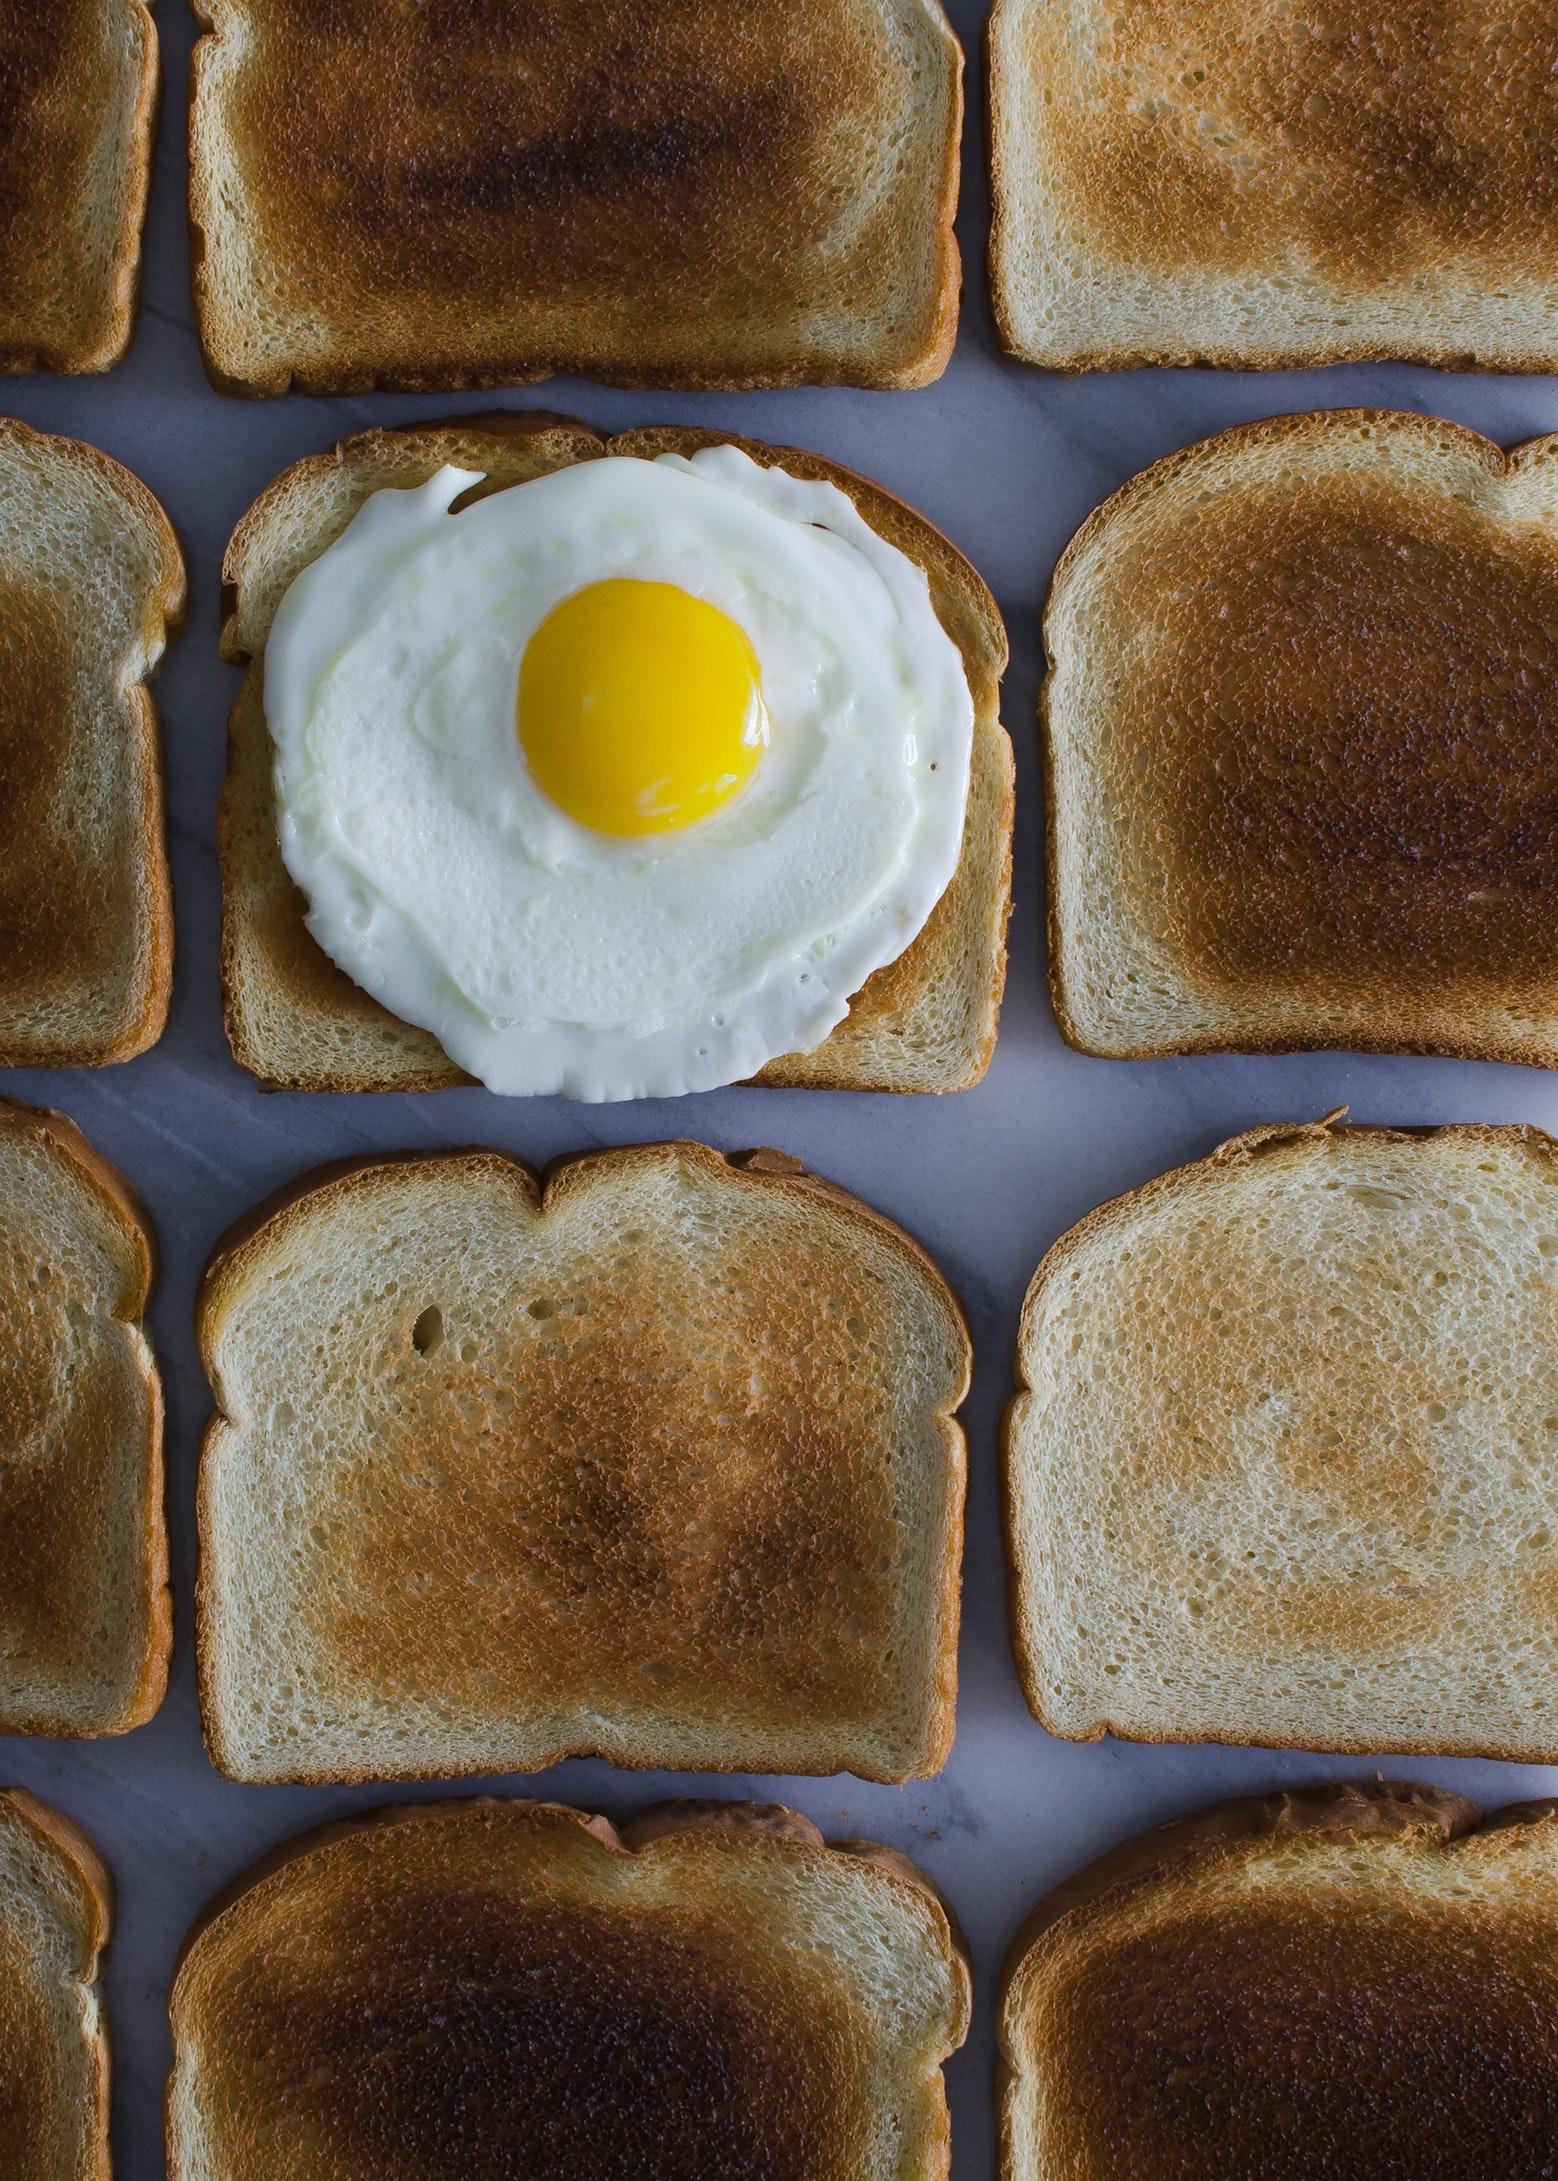 Making Toast Without Burning